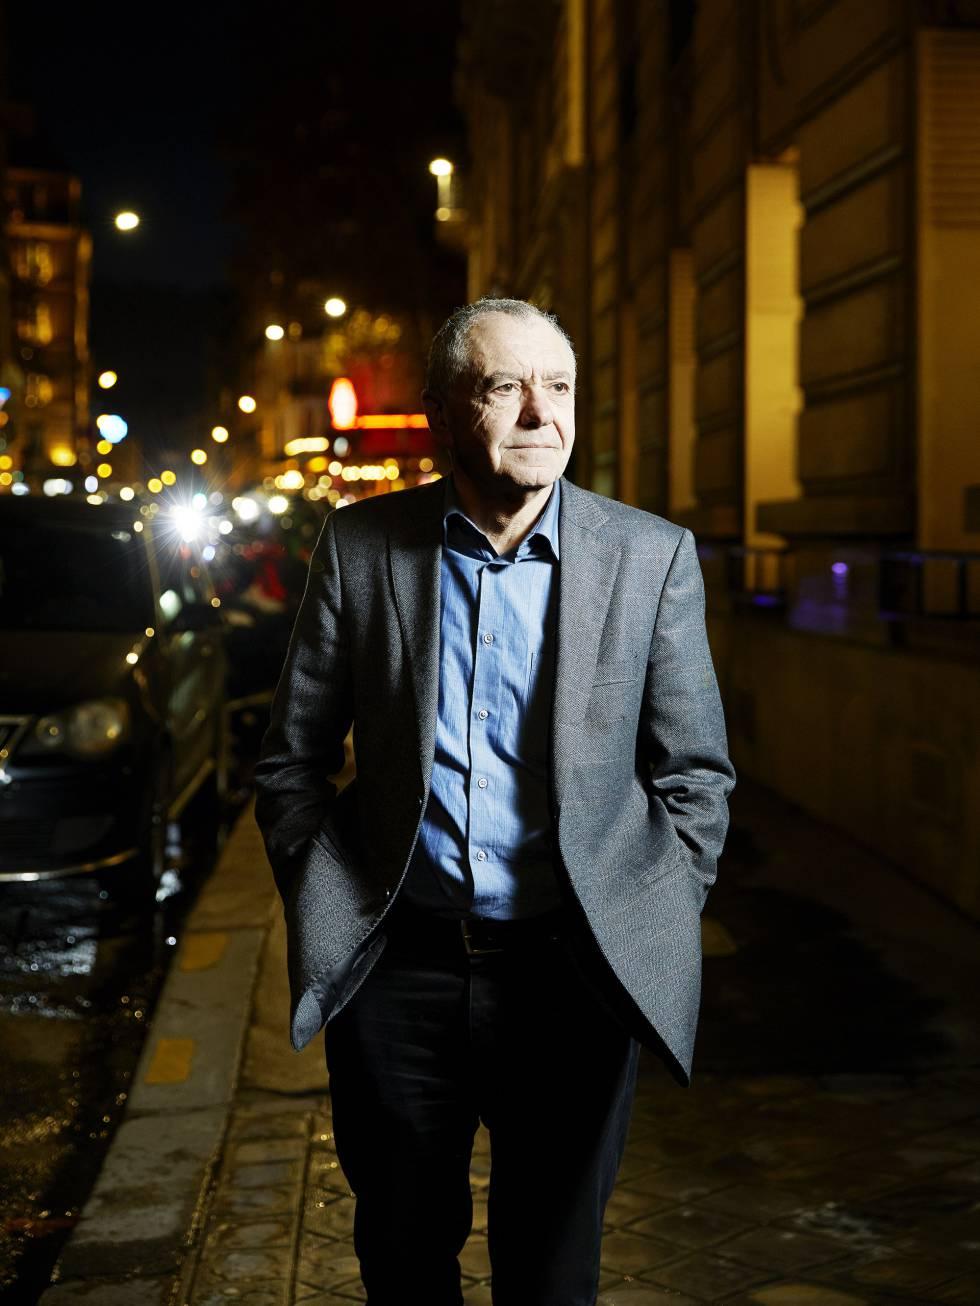 El pensador, sociólogo y escritor francés Gilles Lipovetsky, pasea por una calle de París después de la entrevista.